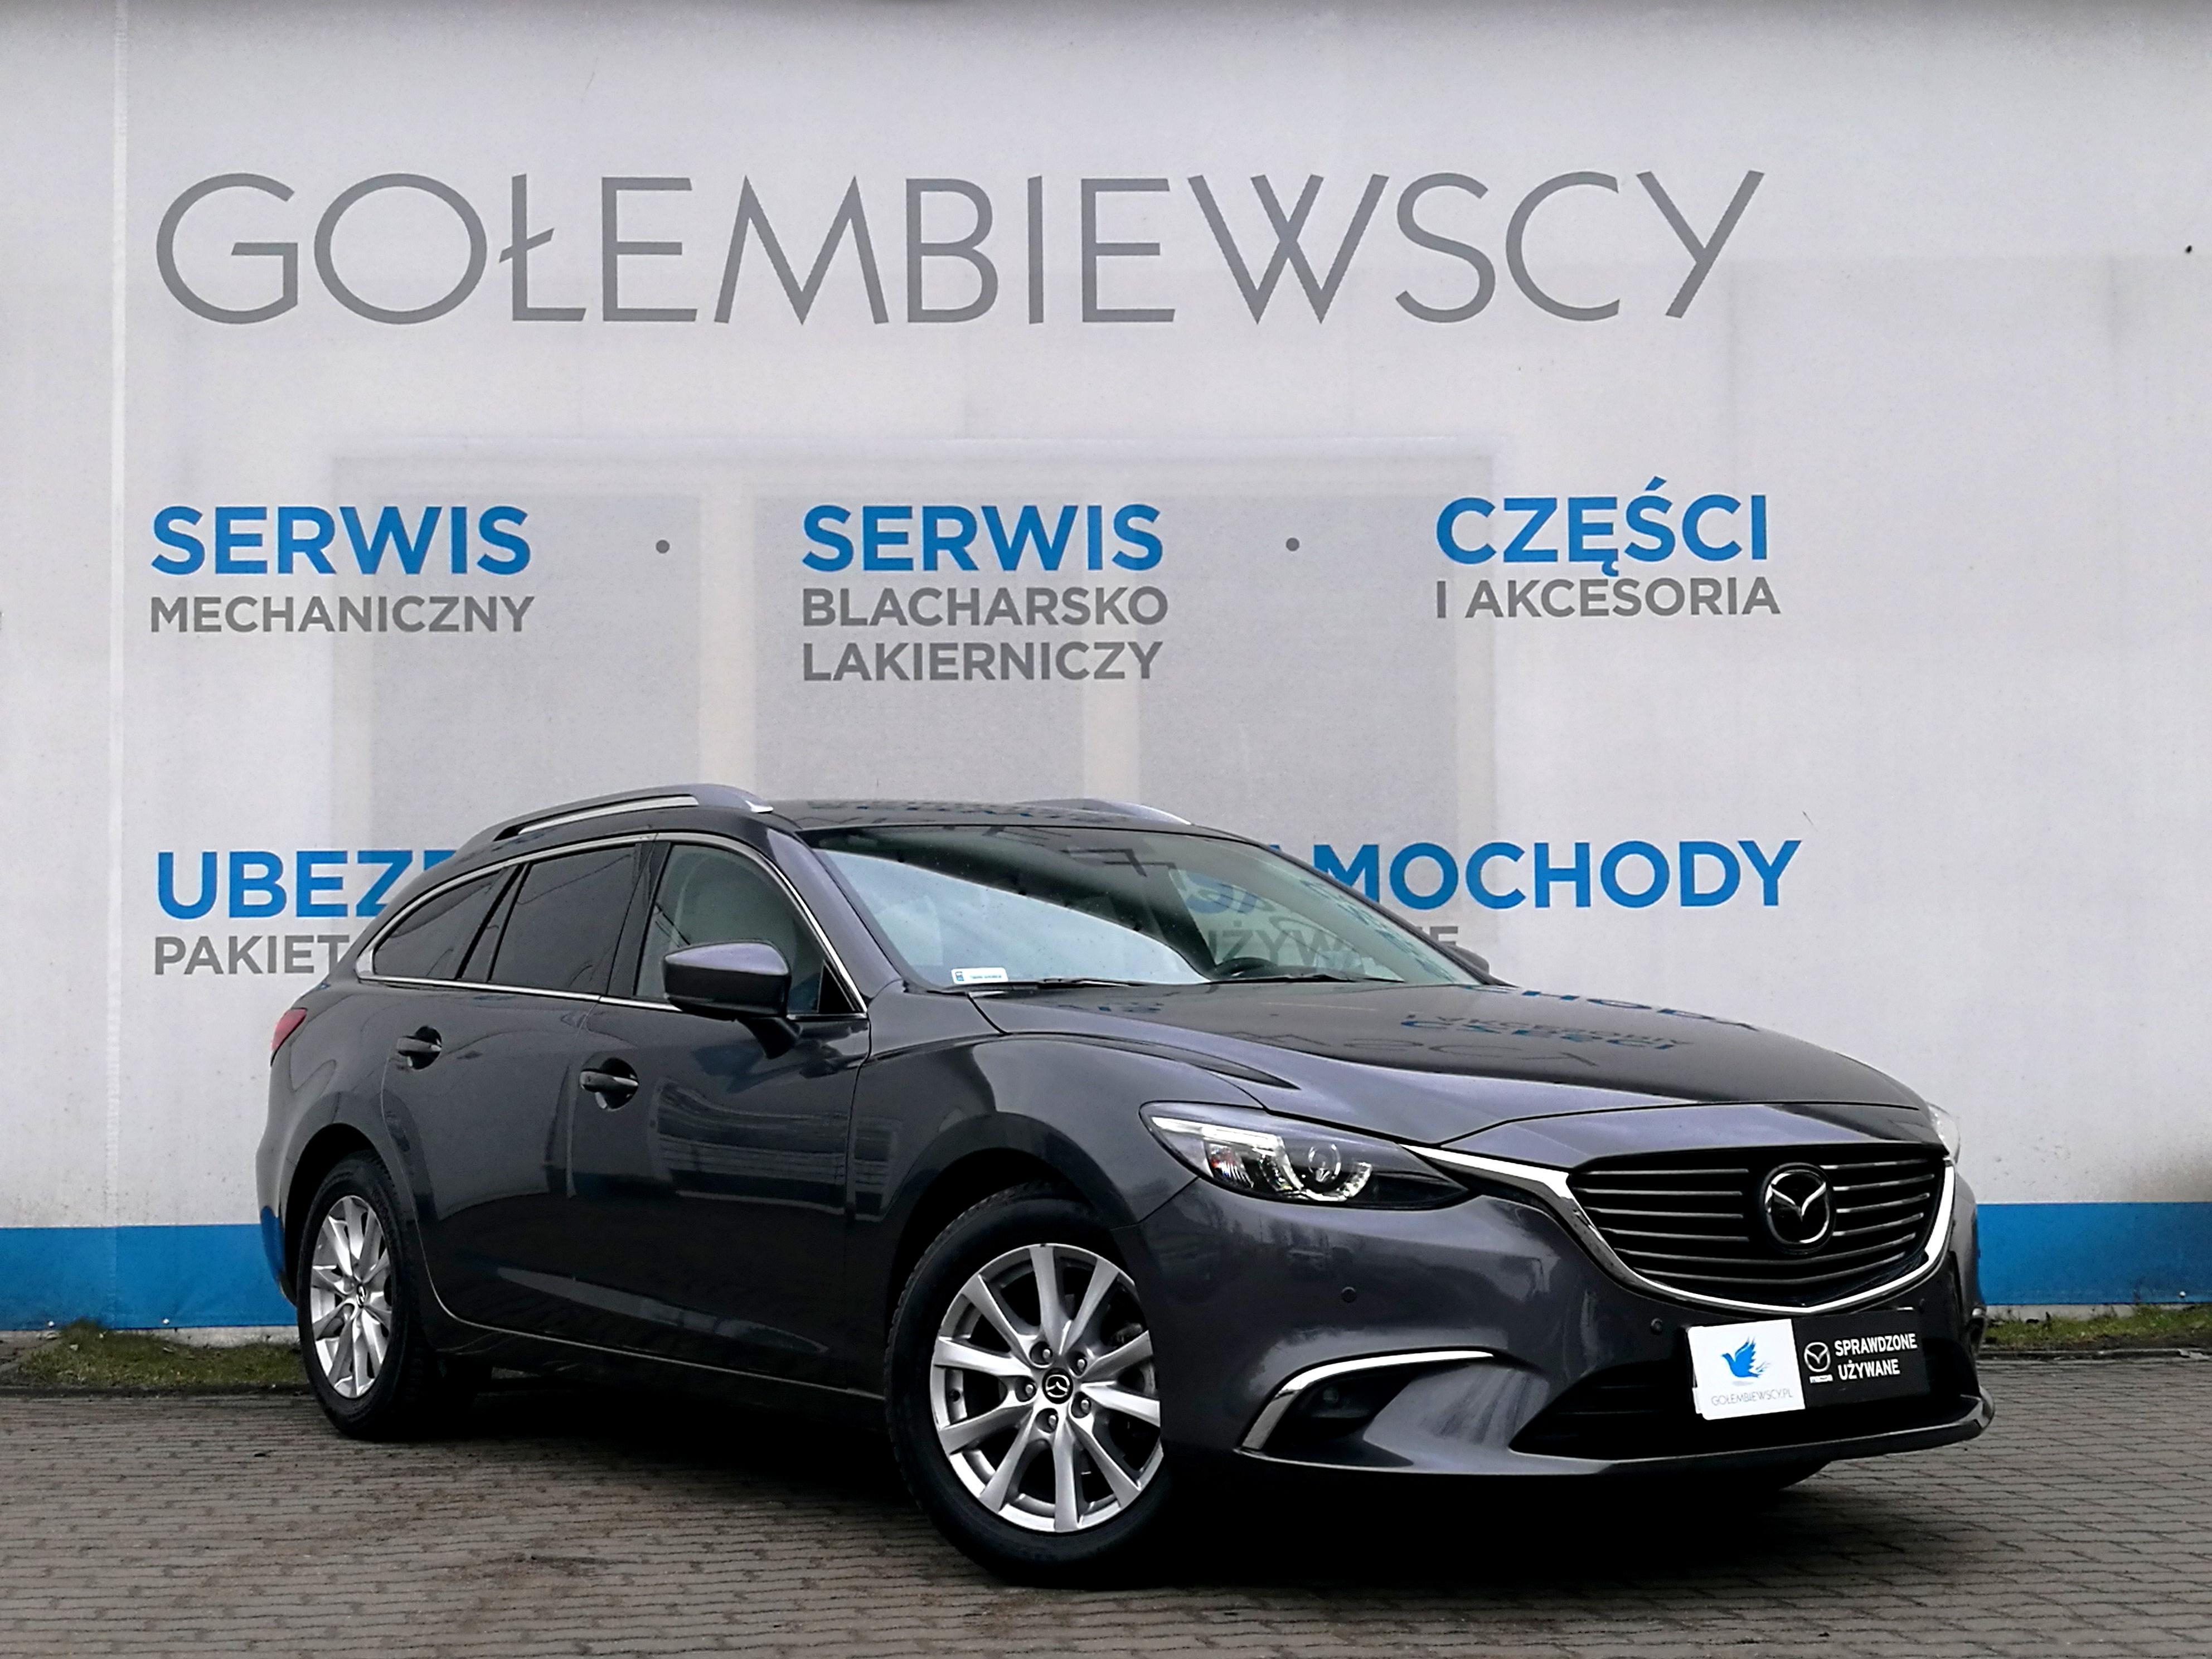 Mazda 6 kombi - salon Mazda Warszawa Gołembiewscy